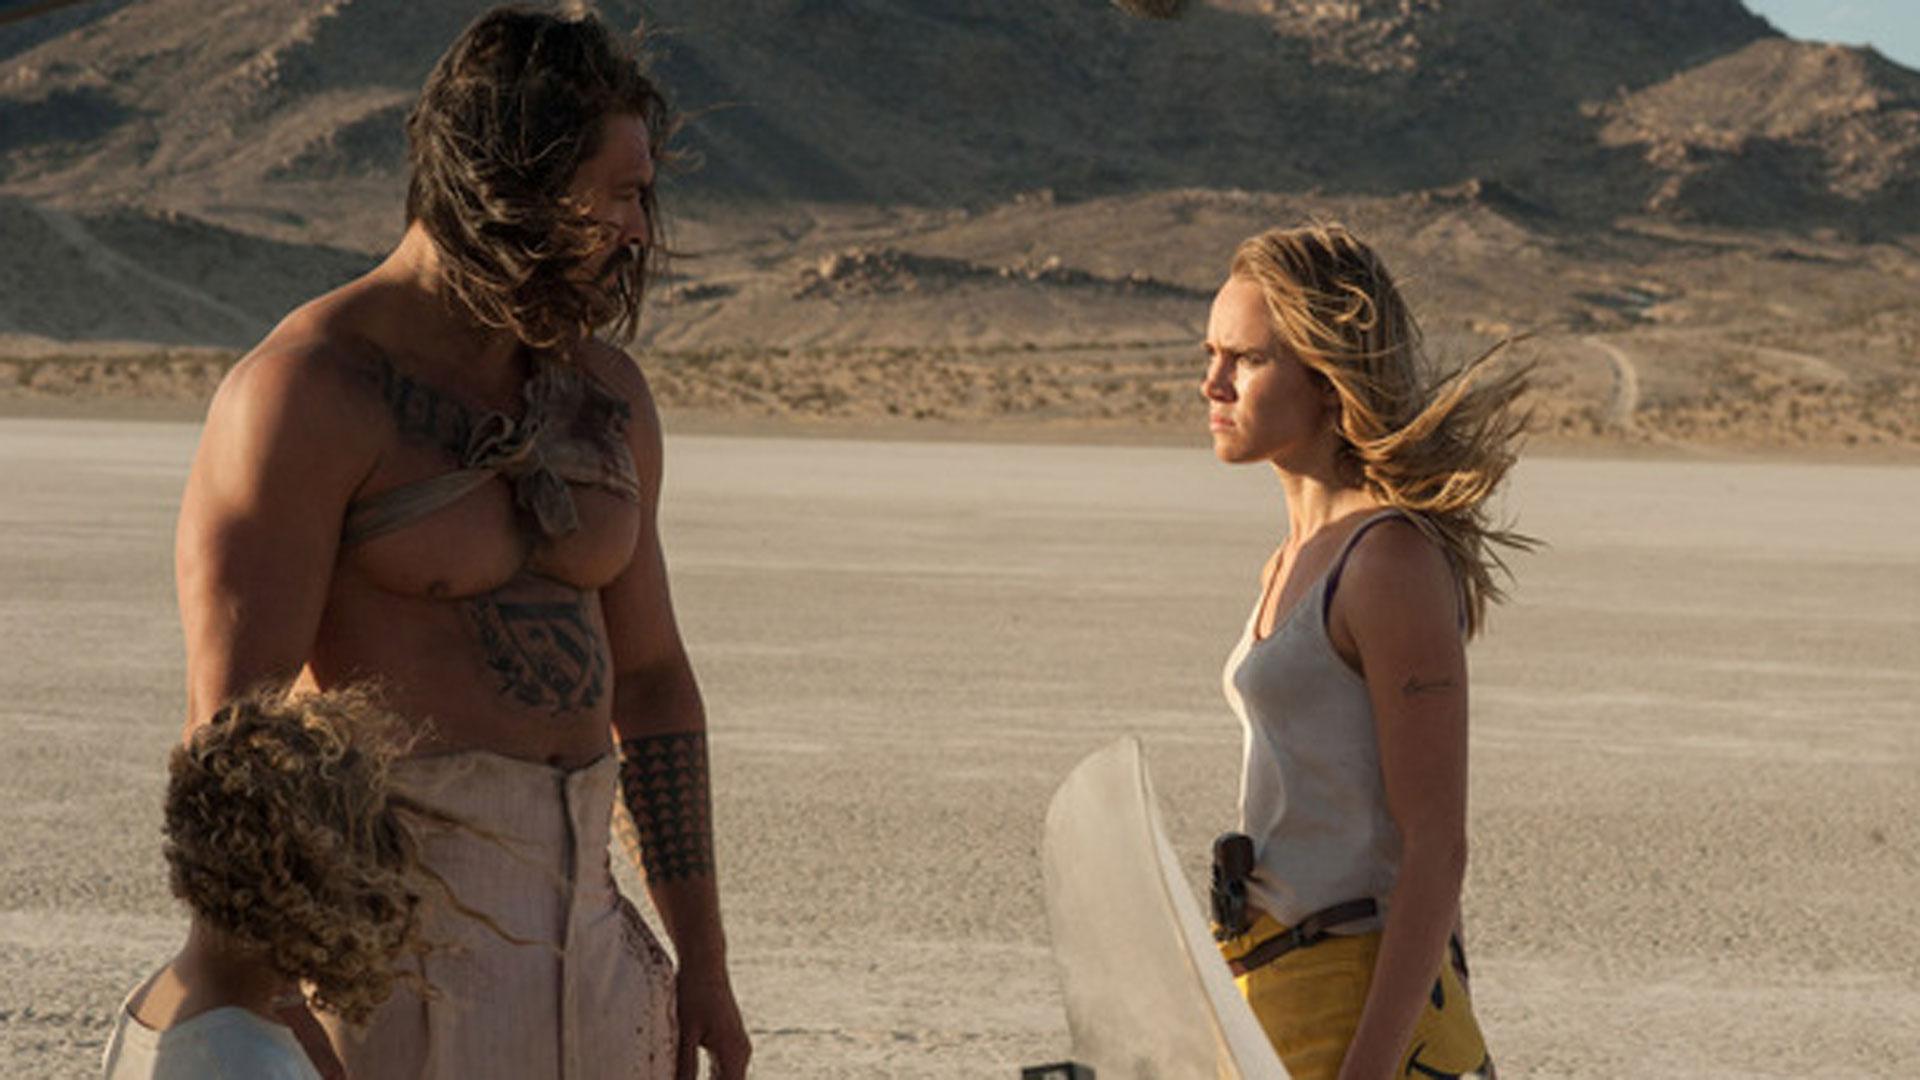 In der Wüste stehen sich drei Personen gegenüber